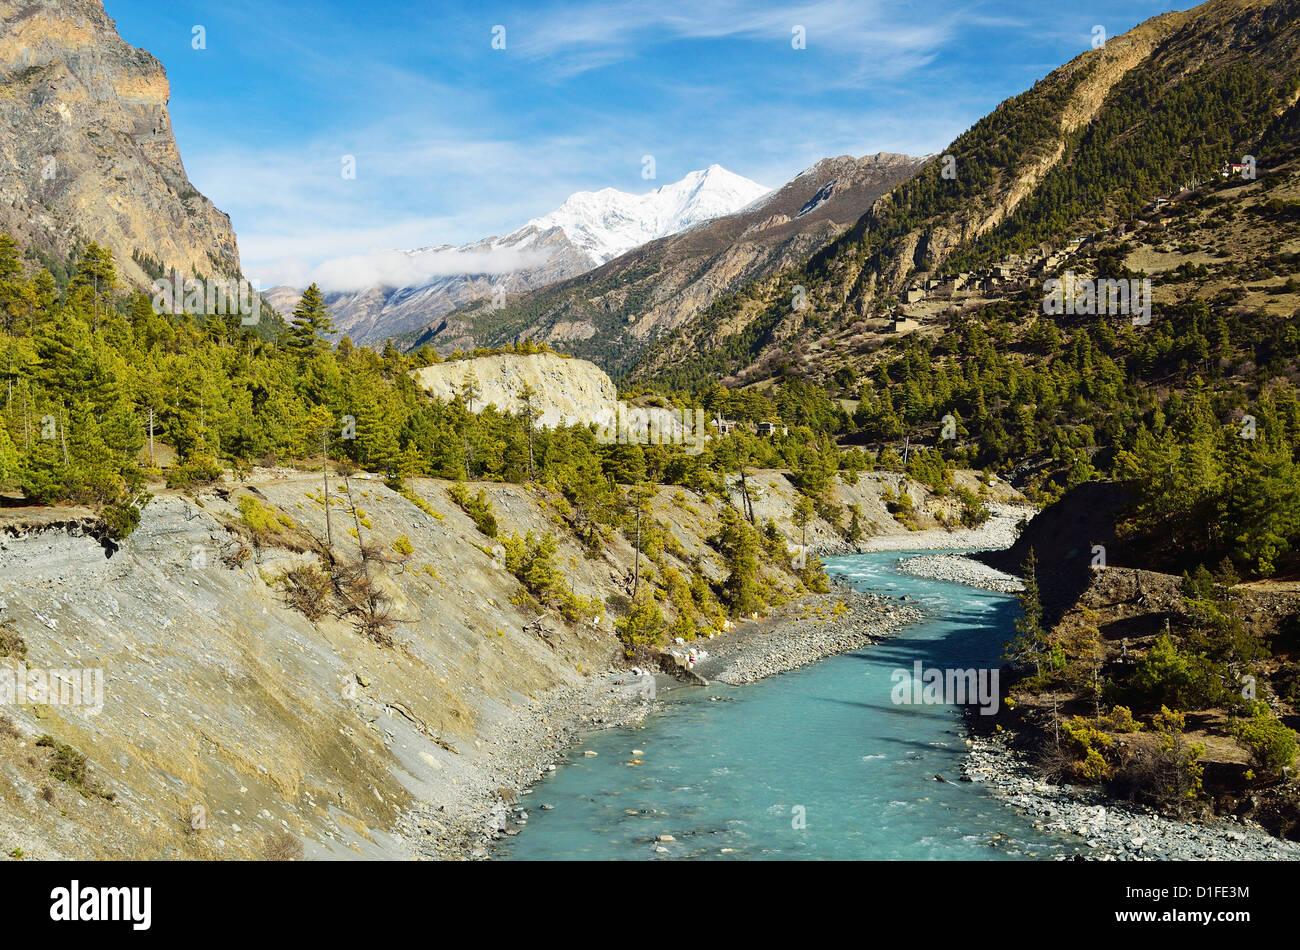 Marsyangdi River Valley, Annapurna Area di Conservazione, Gandaki, Regione Occidentale (Pashchimanchal), Nepal, Immagini Stock